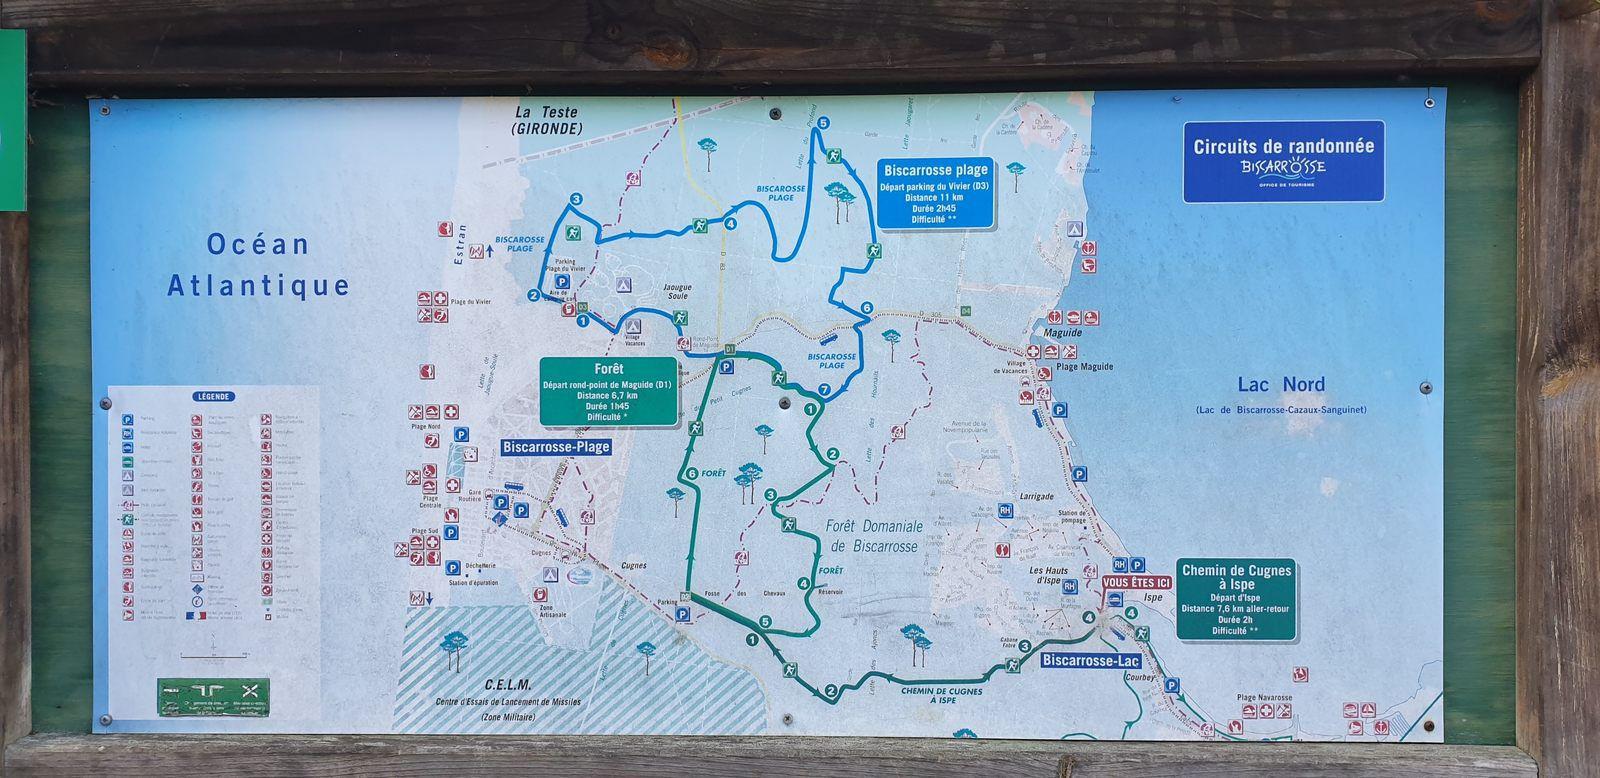 Le plan des circuits de randonnées.